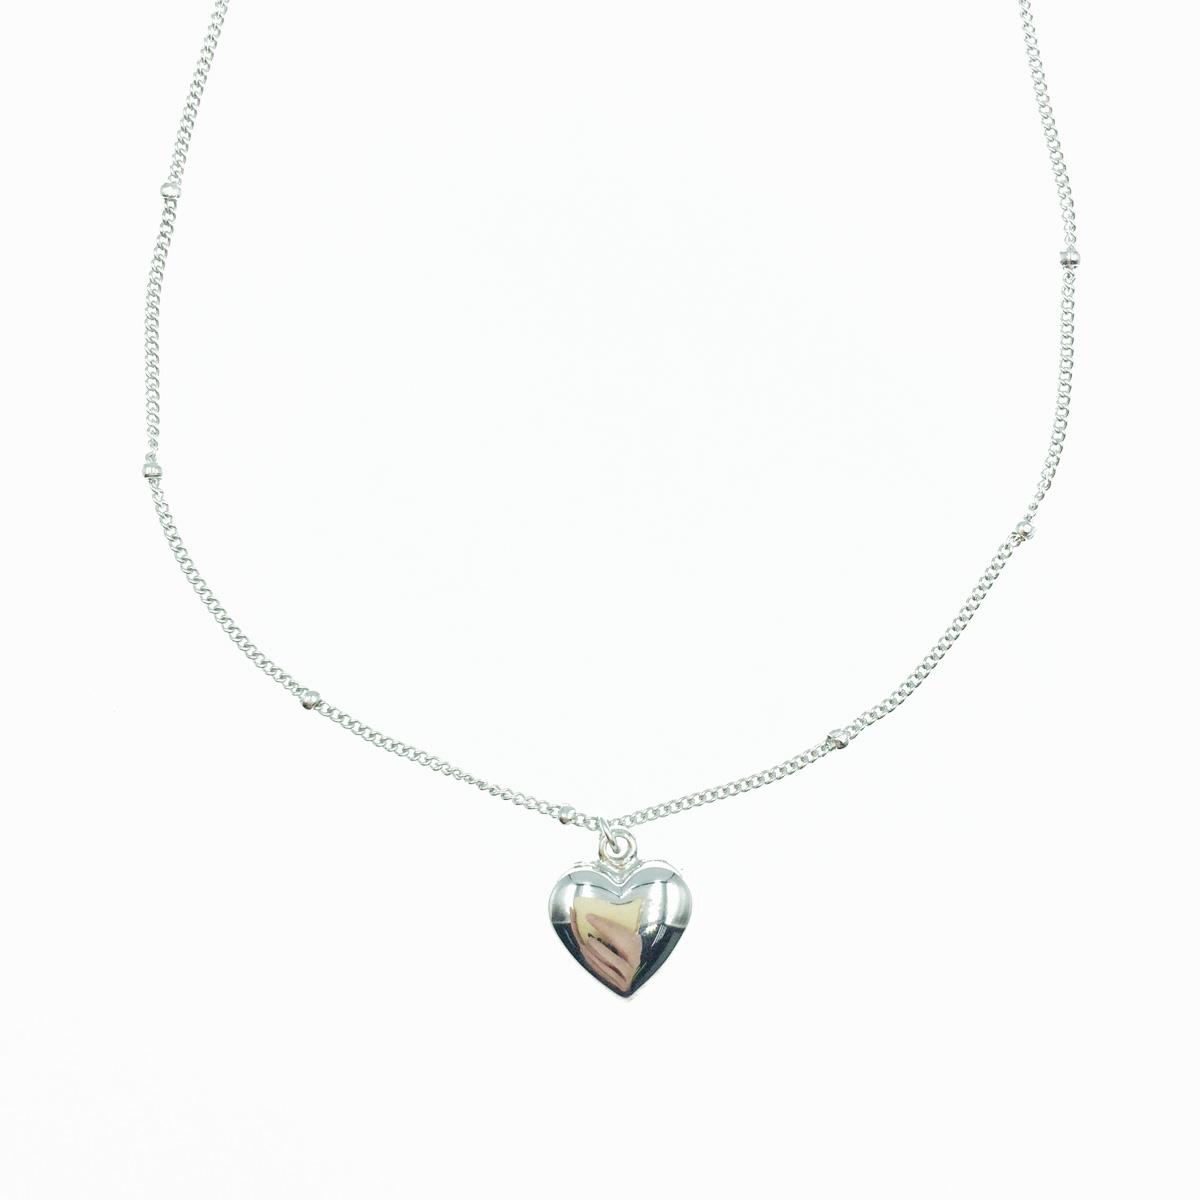 韓國 925純銀 愛心 小銀珠 金屬風 可愛甜美 項鍊